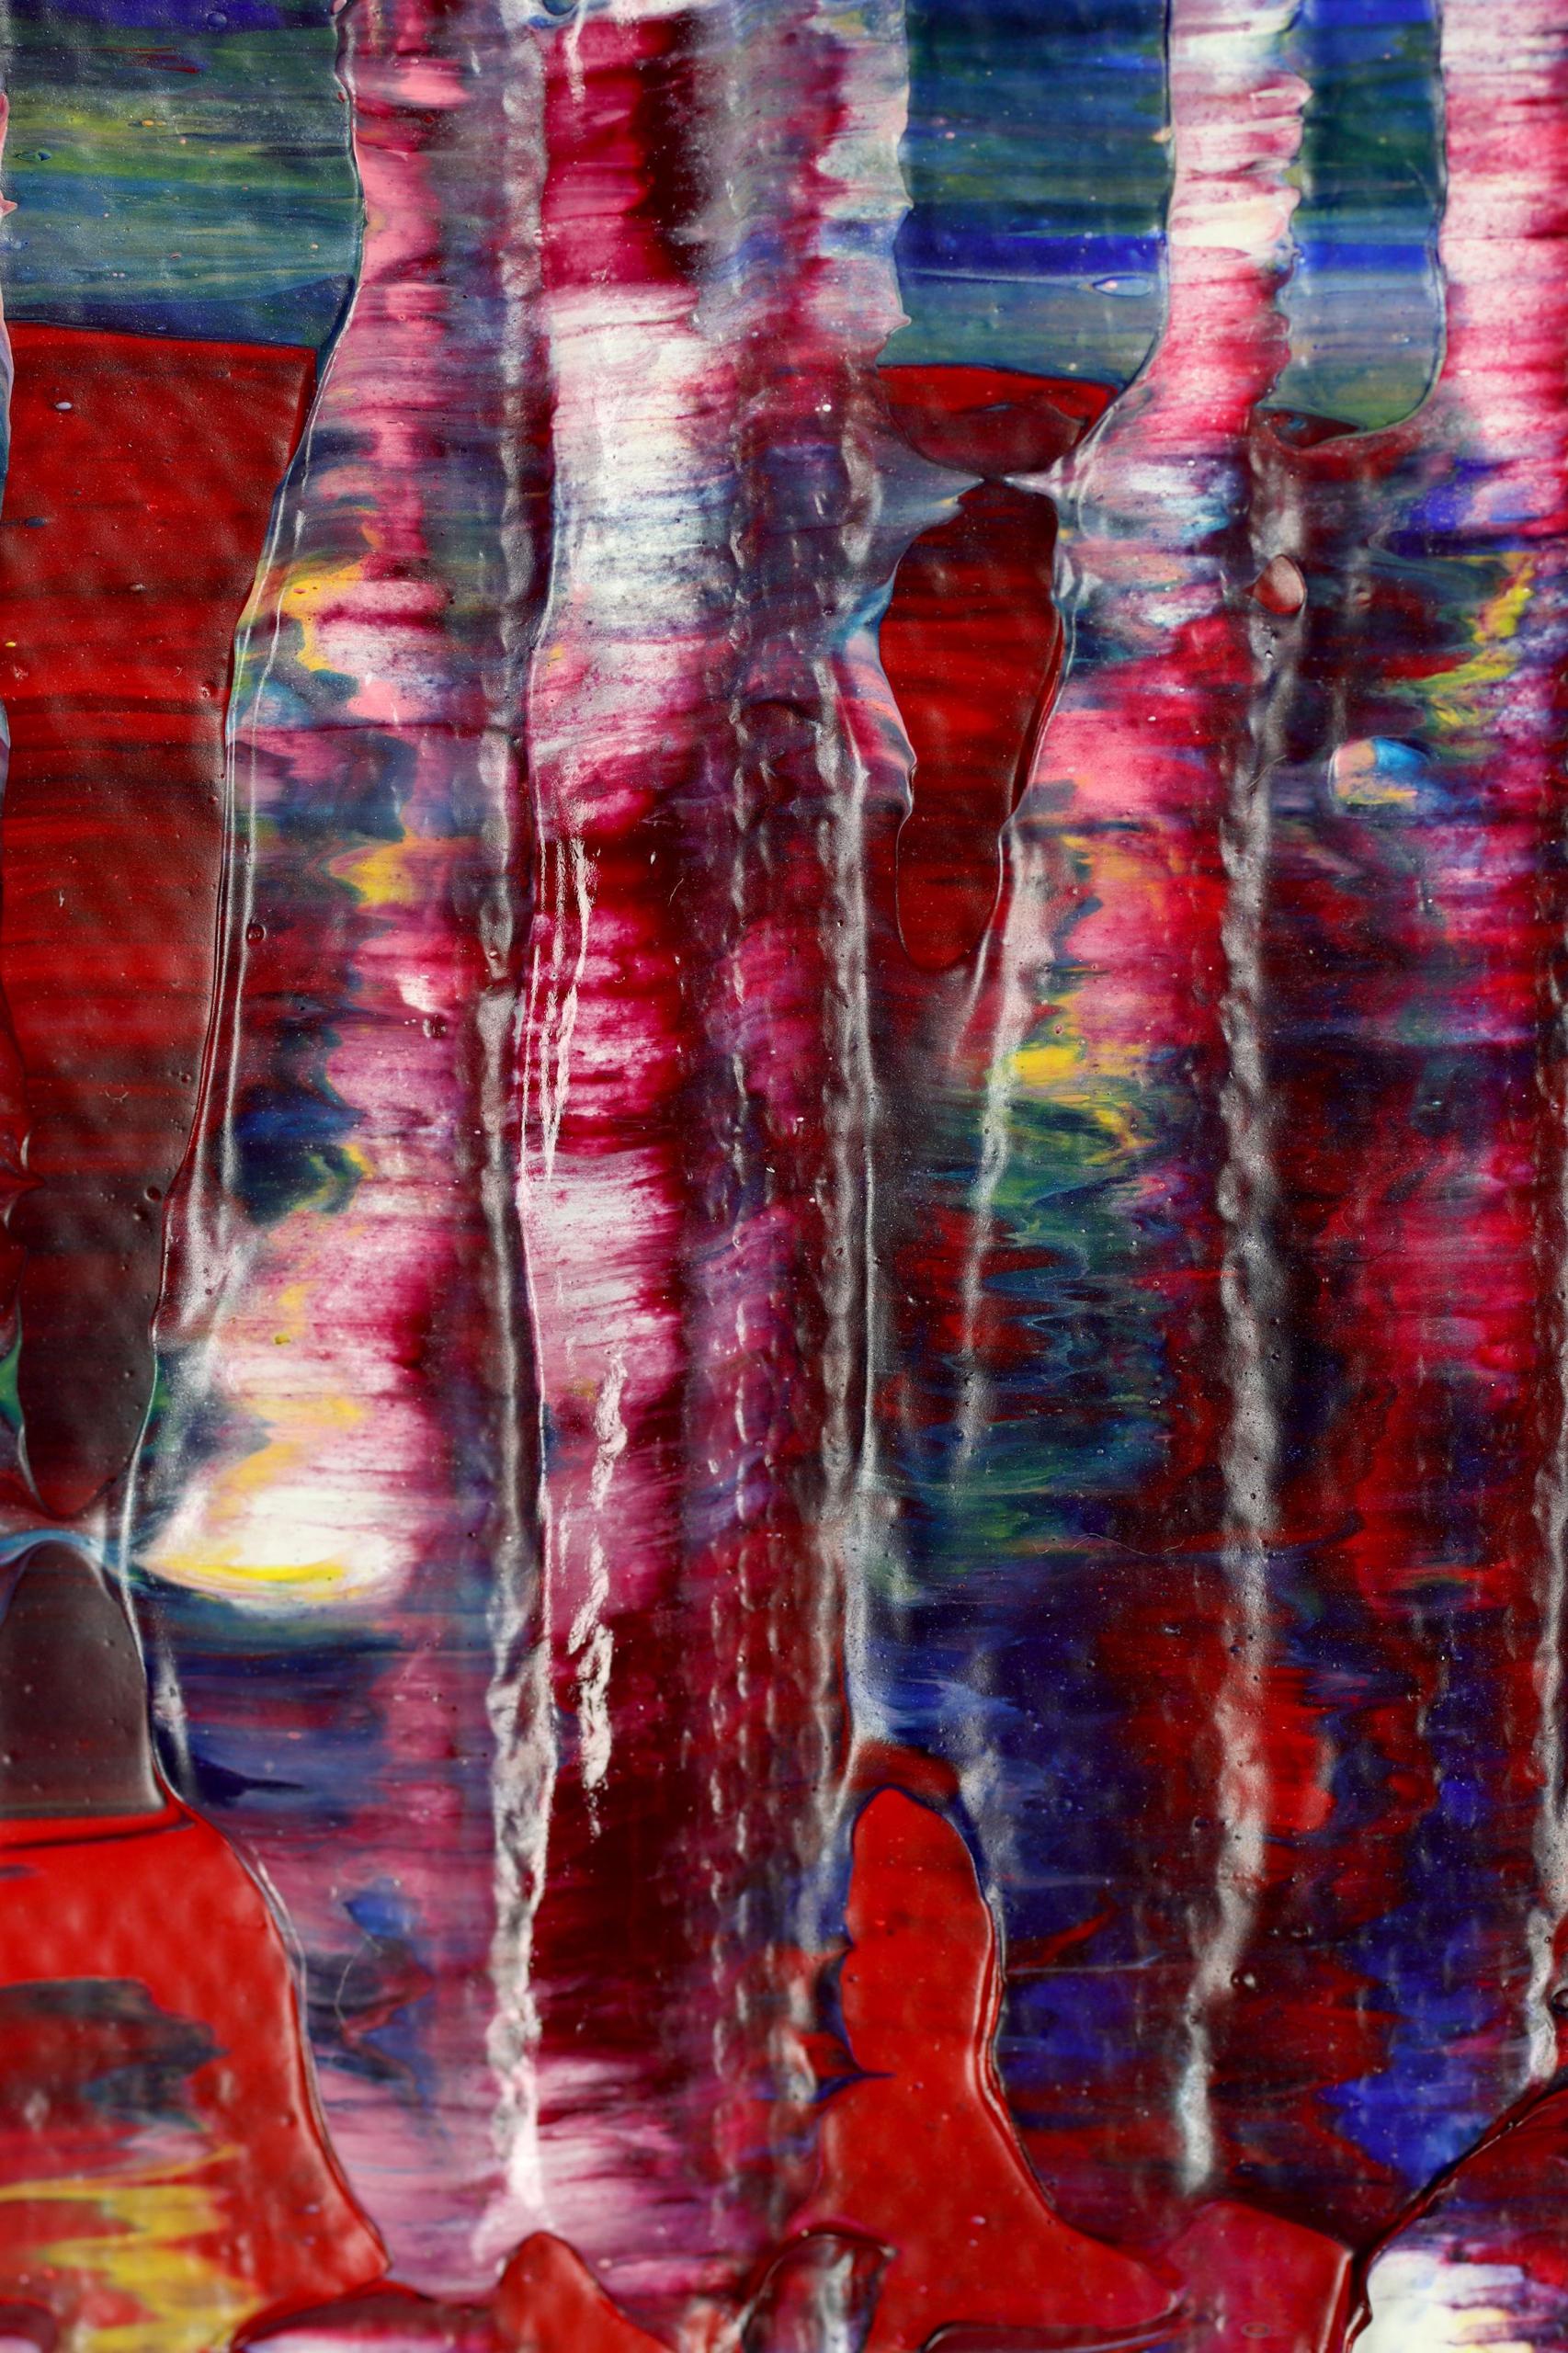 DETAIL / A Matter of Nature 7 (Fire Lights) (2021) / Artist: Nestor Toro